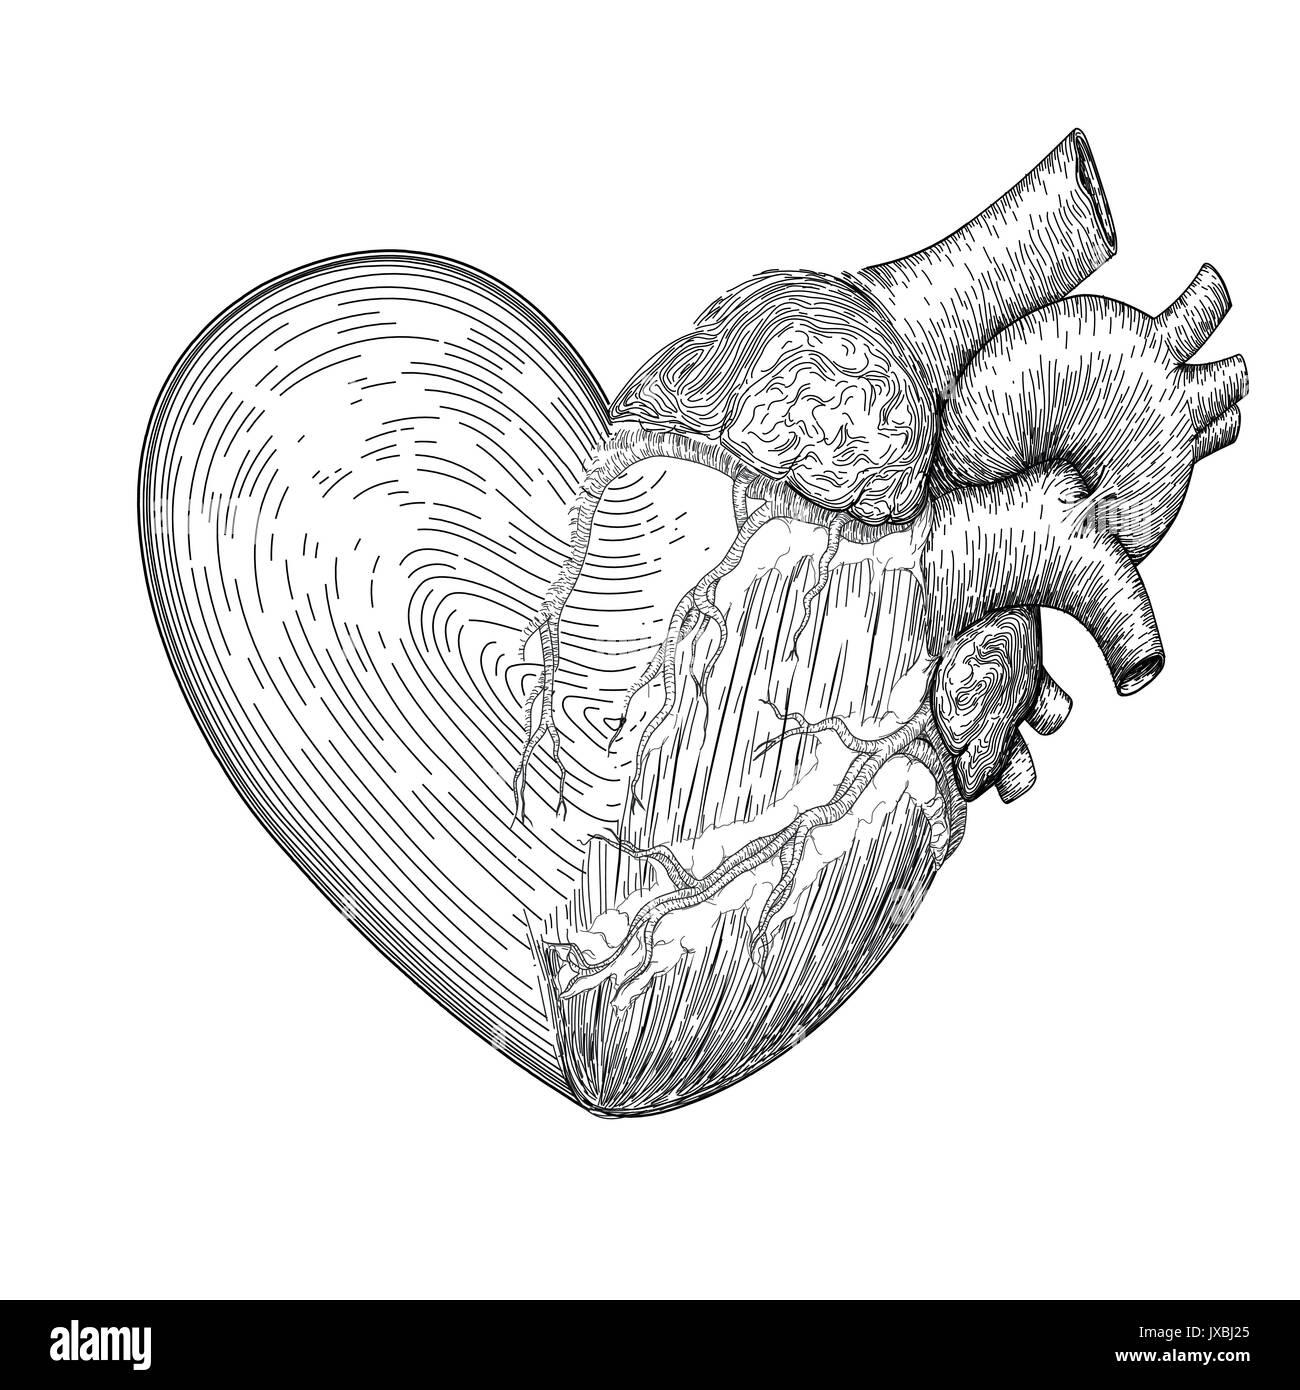 Símbolo De Corazón Con Corazón Humano Real Media Juntos Dibujadas A